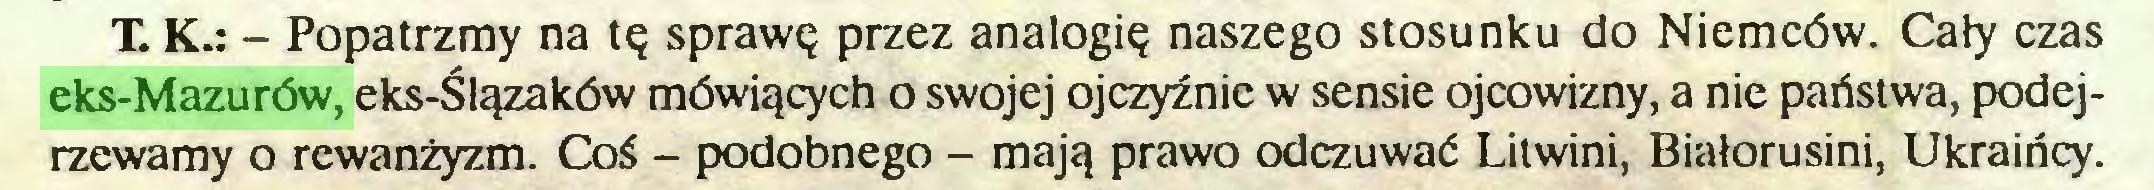 (...) T. K.: - Popatrzmy na tę sprawę przez analogię naszego stosunku do Niemców. Cały czas eks-Mazurów, eks-Ślązaków mówiących o swojej ojczyźnie w sensie ojcowizny, a nie państwa, podejrzewamy o rewanżyzm. Coś - podobnego - mają prawo odczuwać Litwini, Białorusini, Ukraińcy...